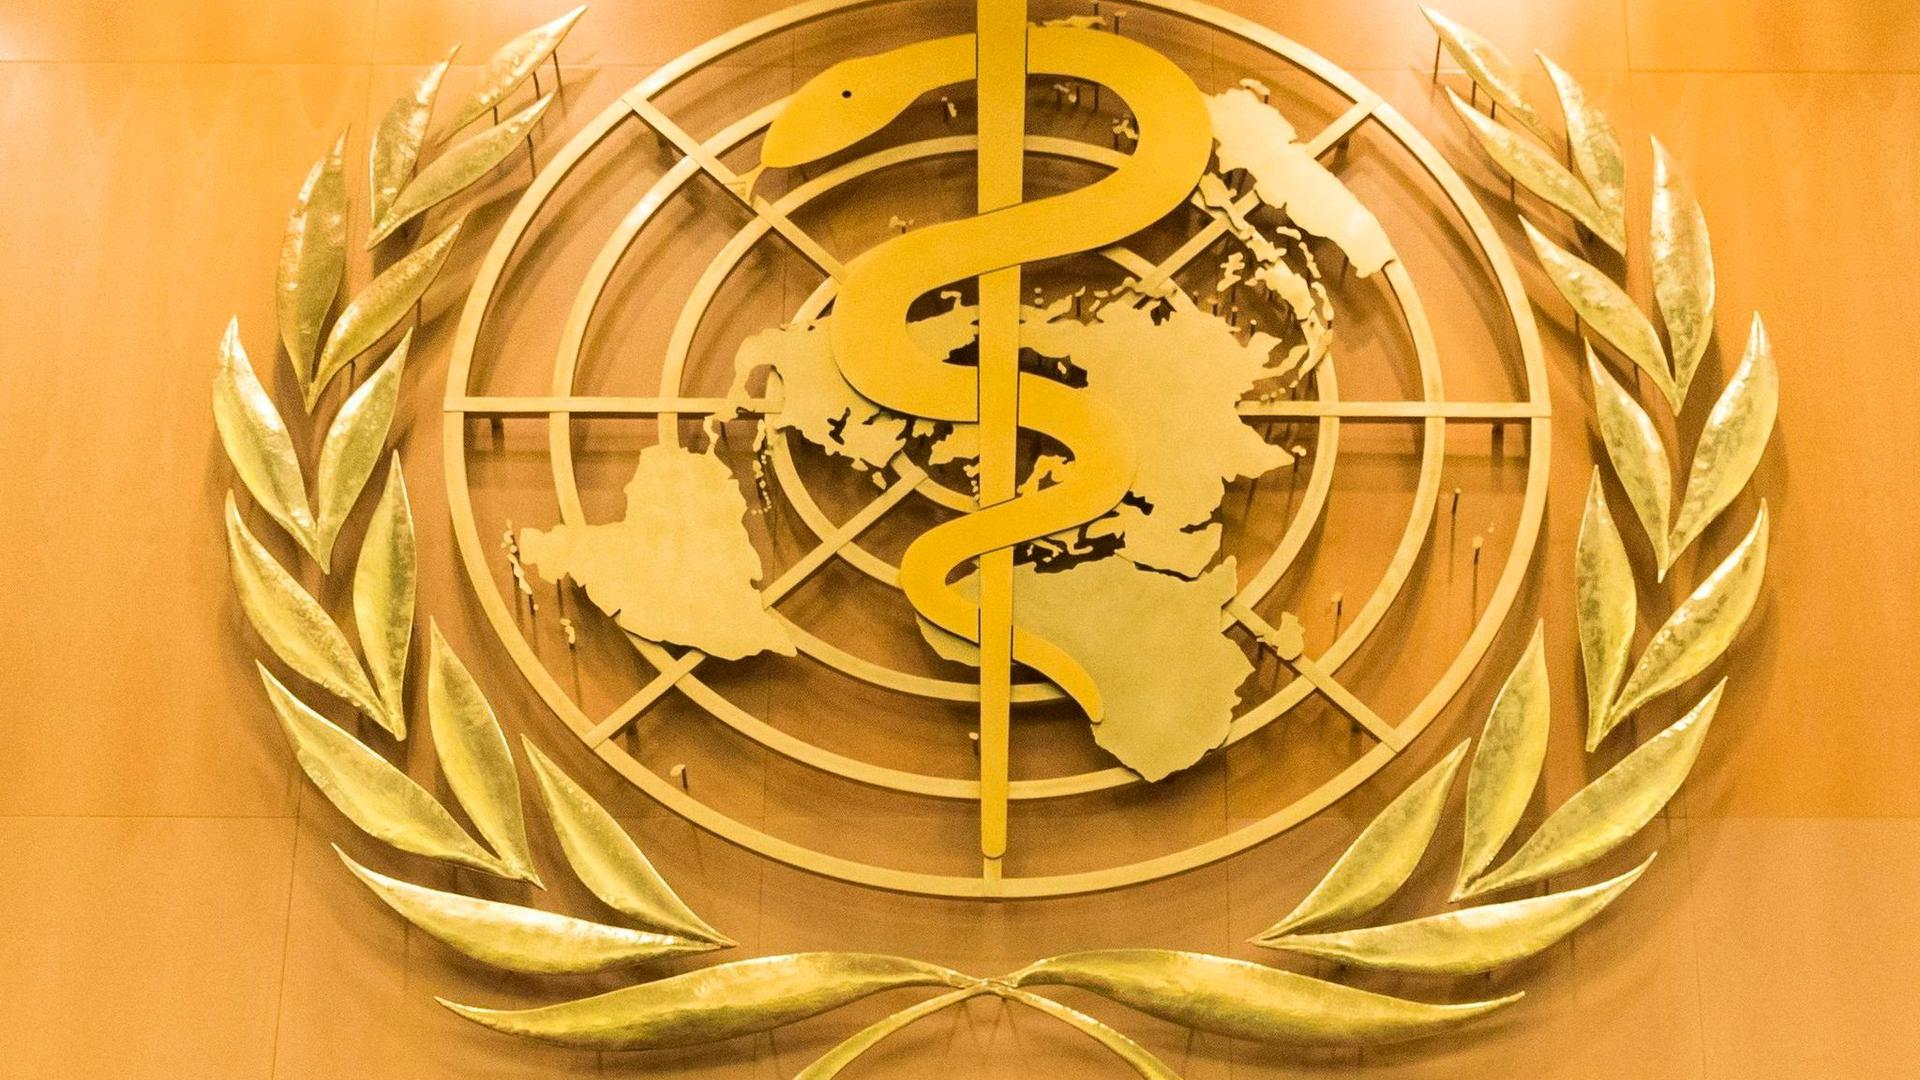 Die WHO weist auf Impfstoff-Versorungslücken inAfrika hin.